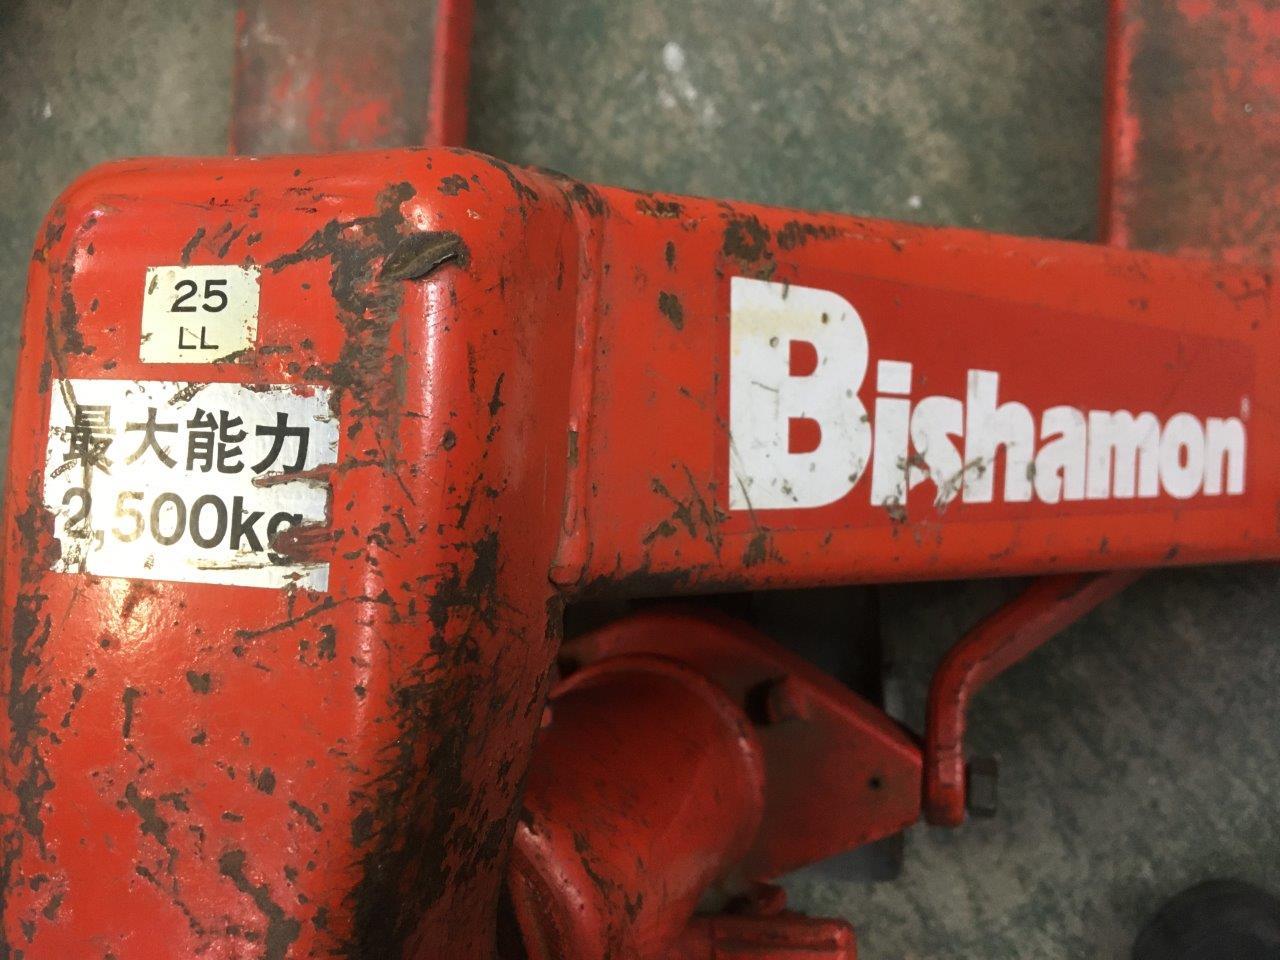 中古ハンドパレット BM25LL ビシャモン 2,500kg